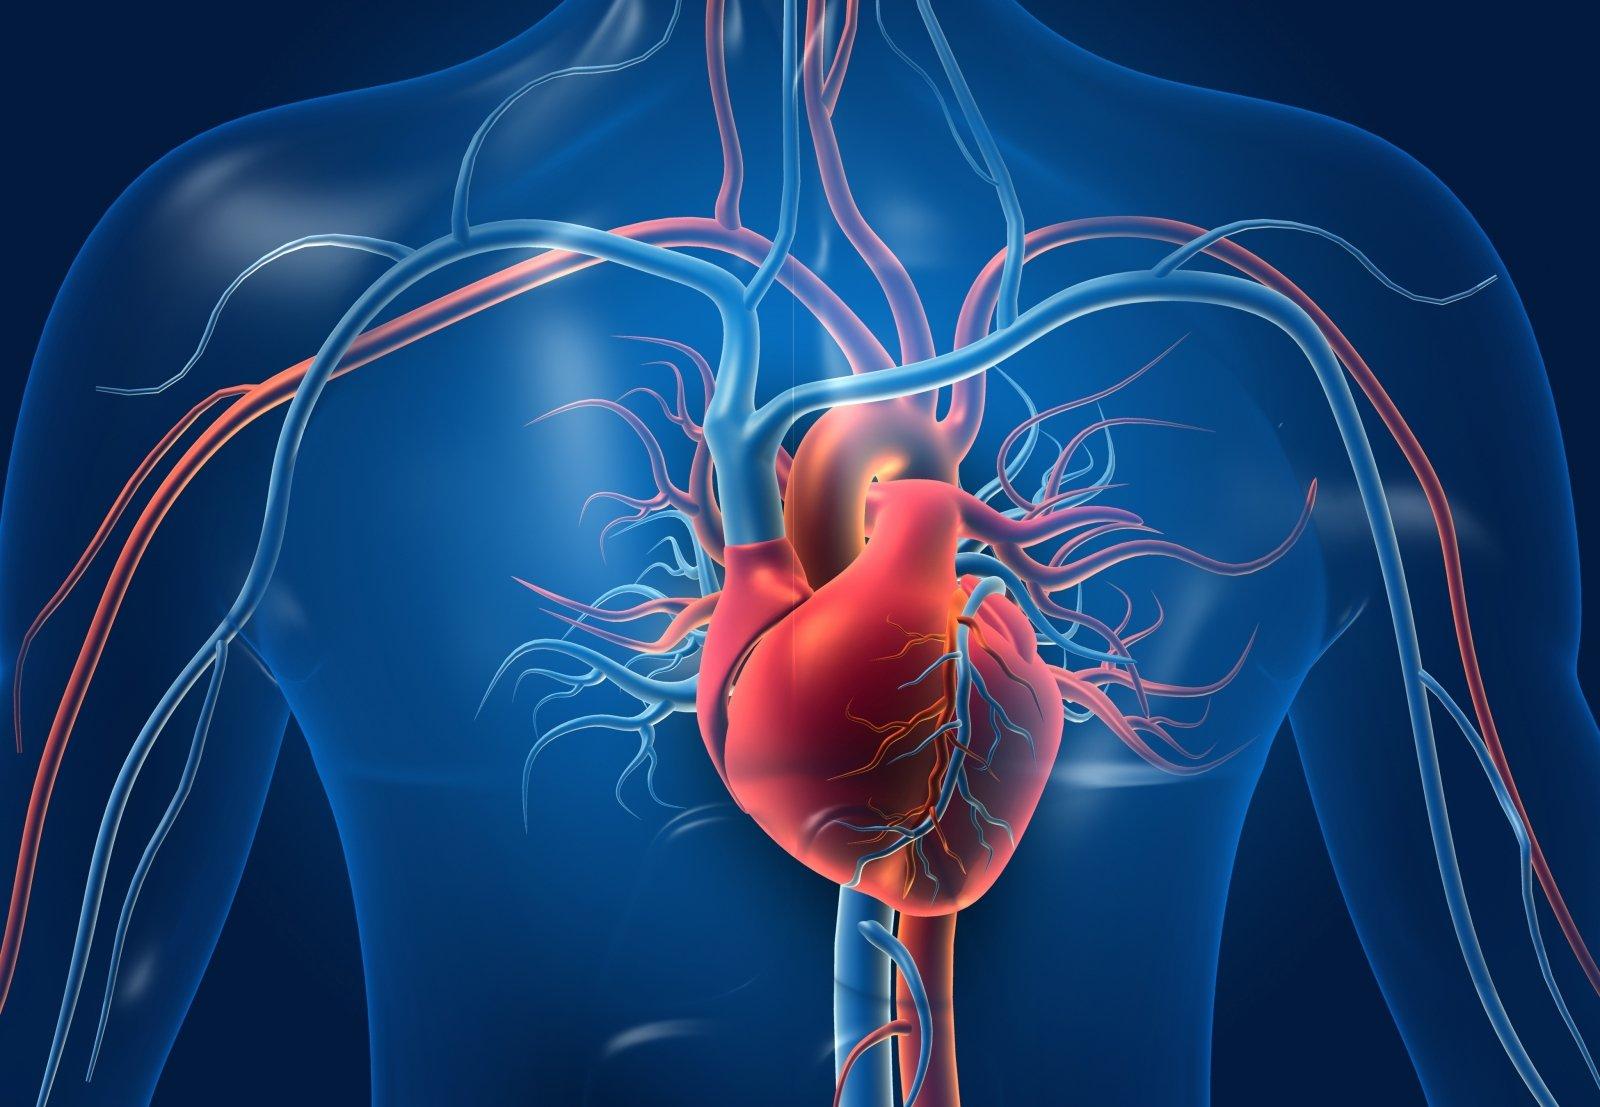 vaistų nuo hipertenzijos išlaidų kompensacija